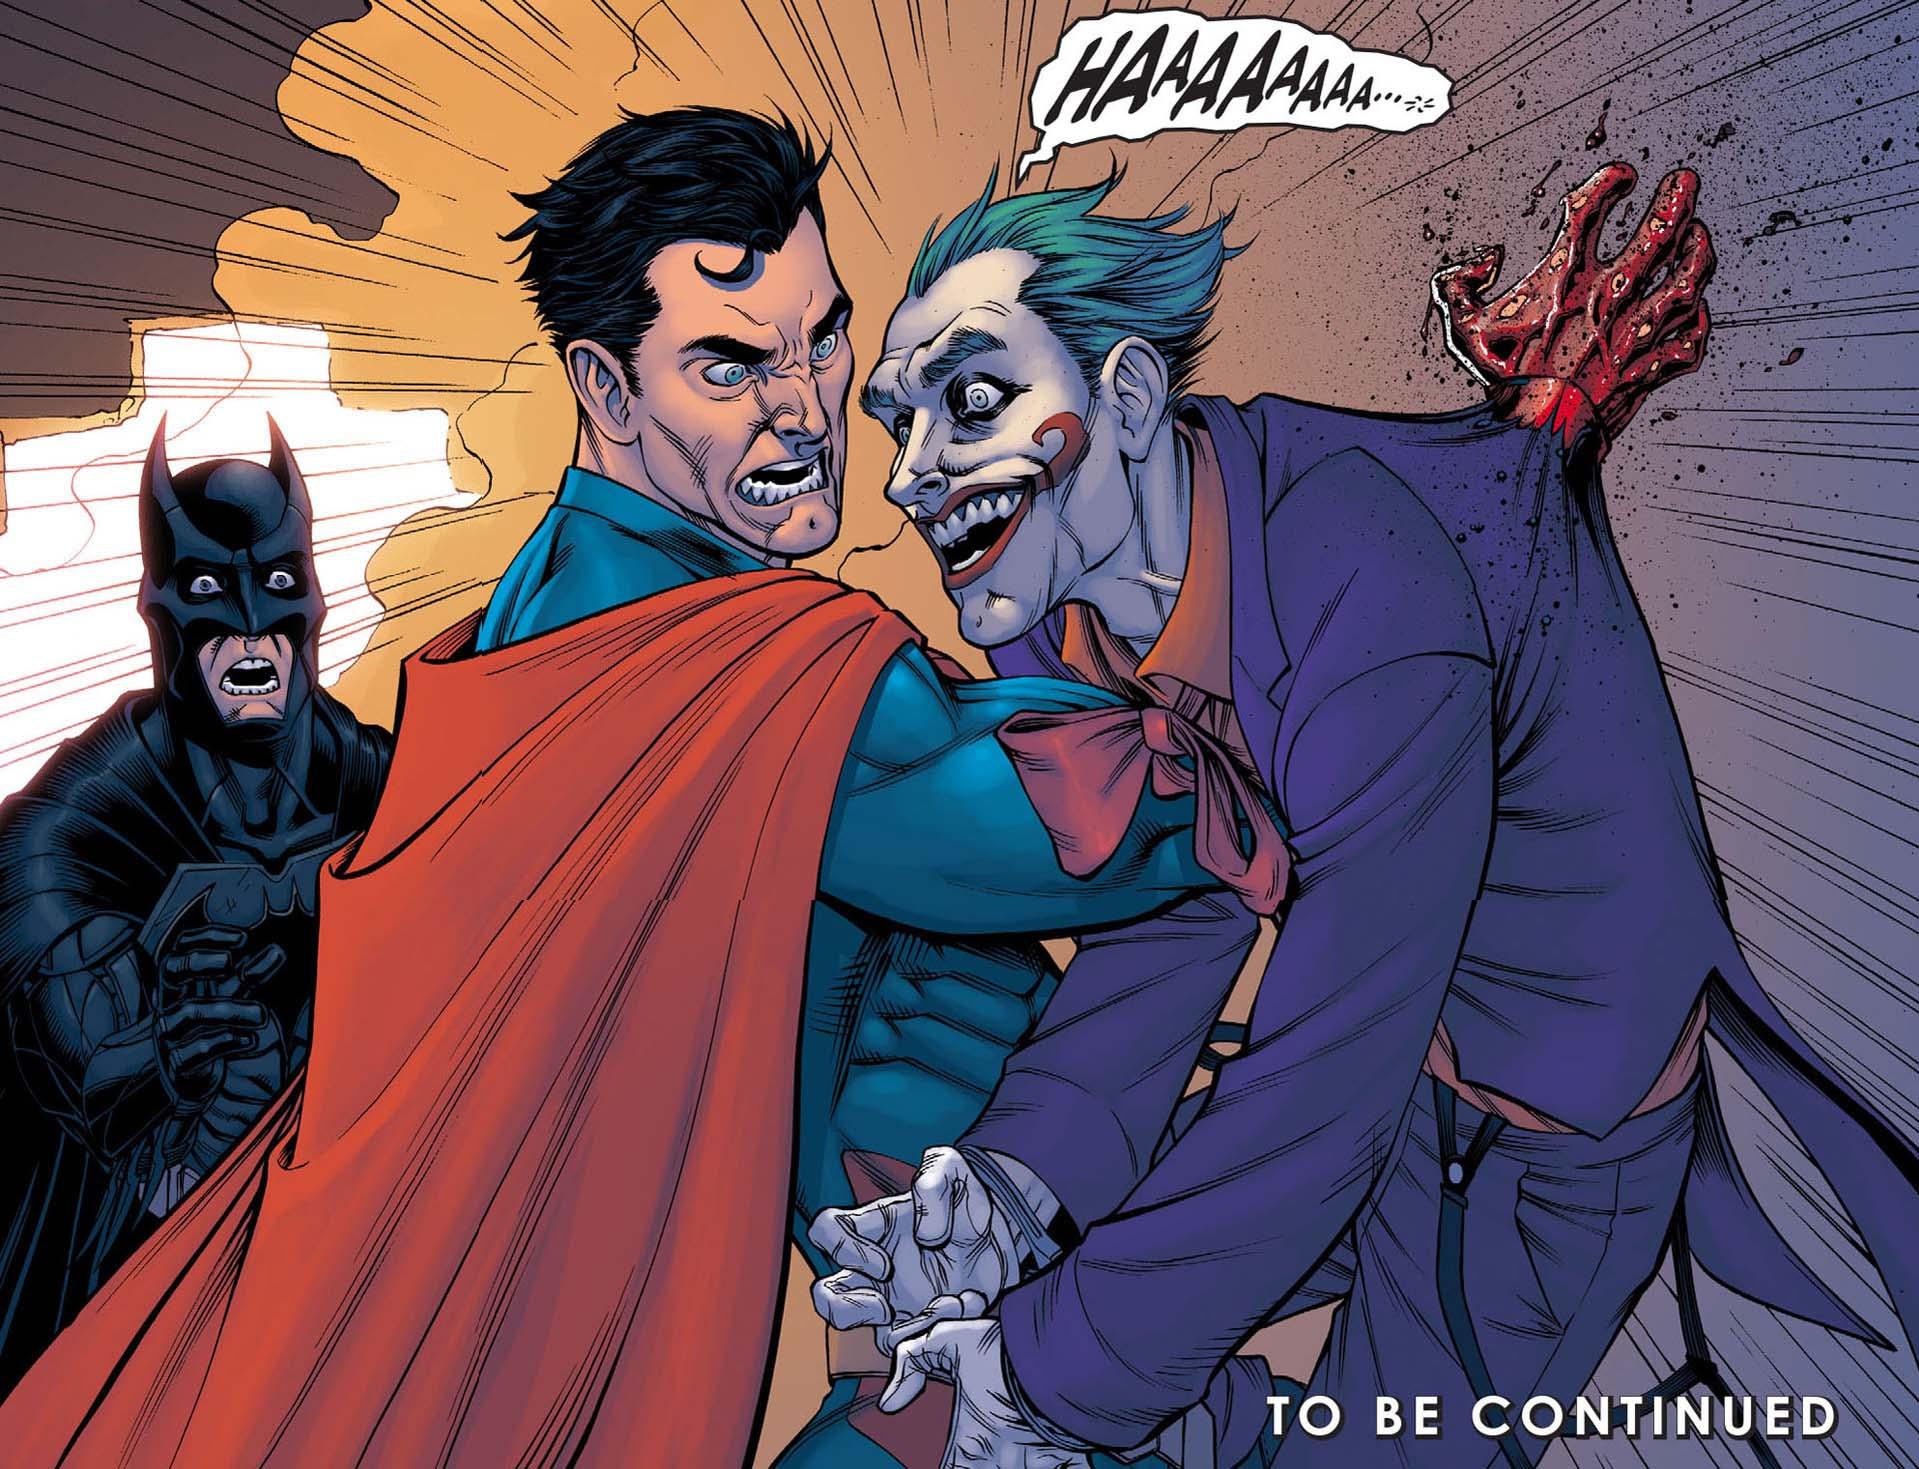 Superman Kills The Joker – Comicnewbies